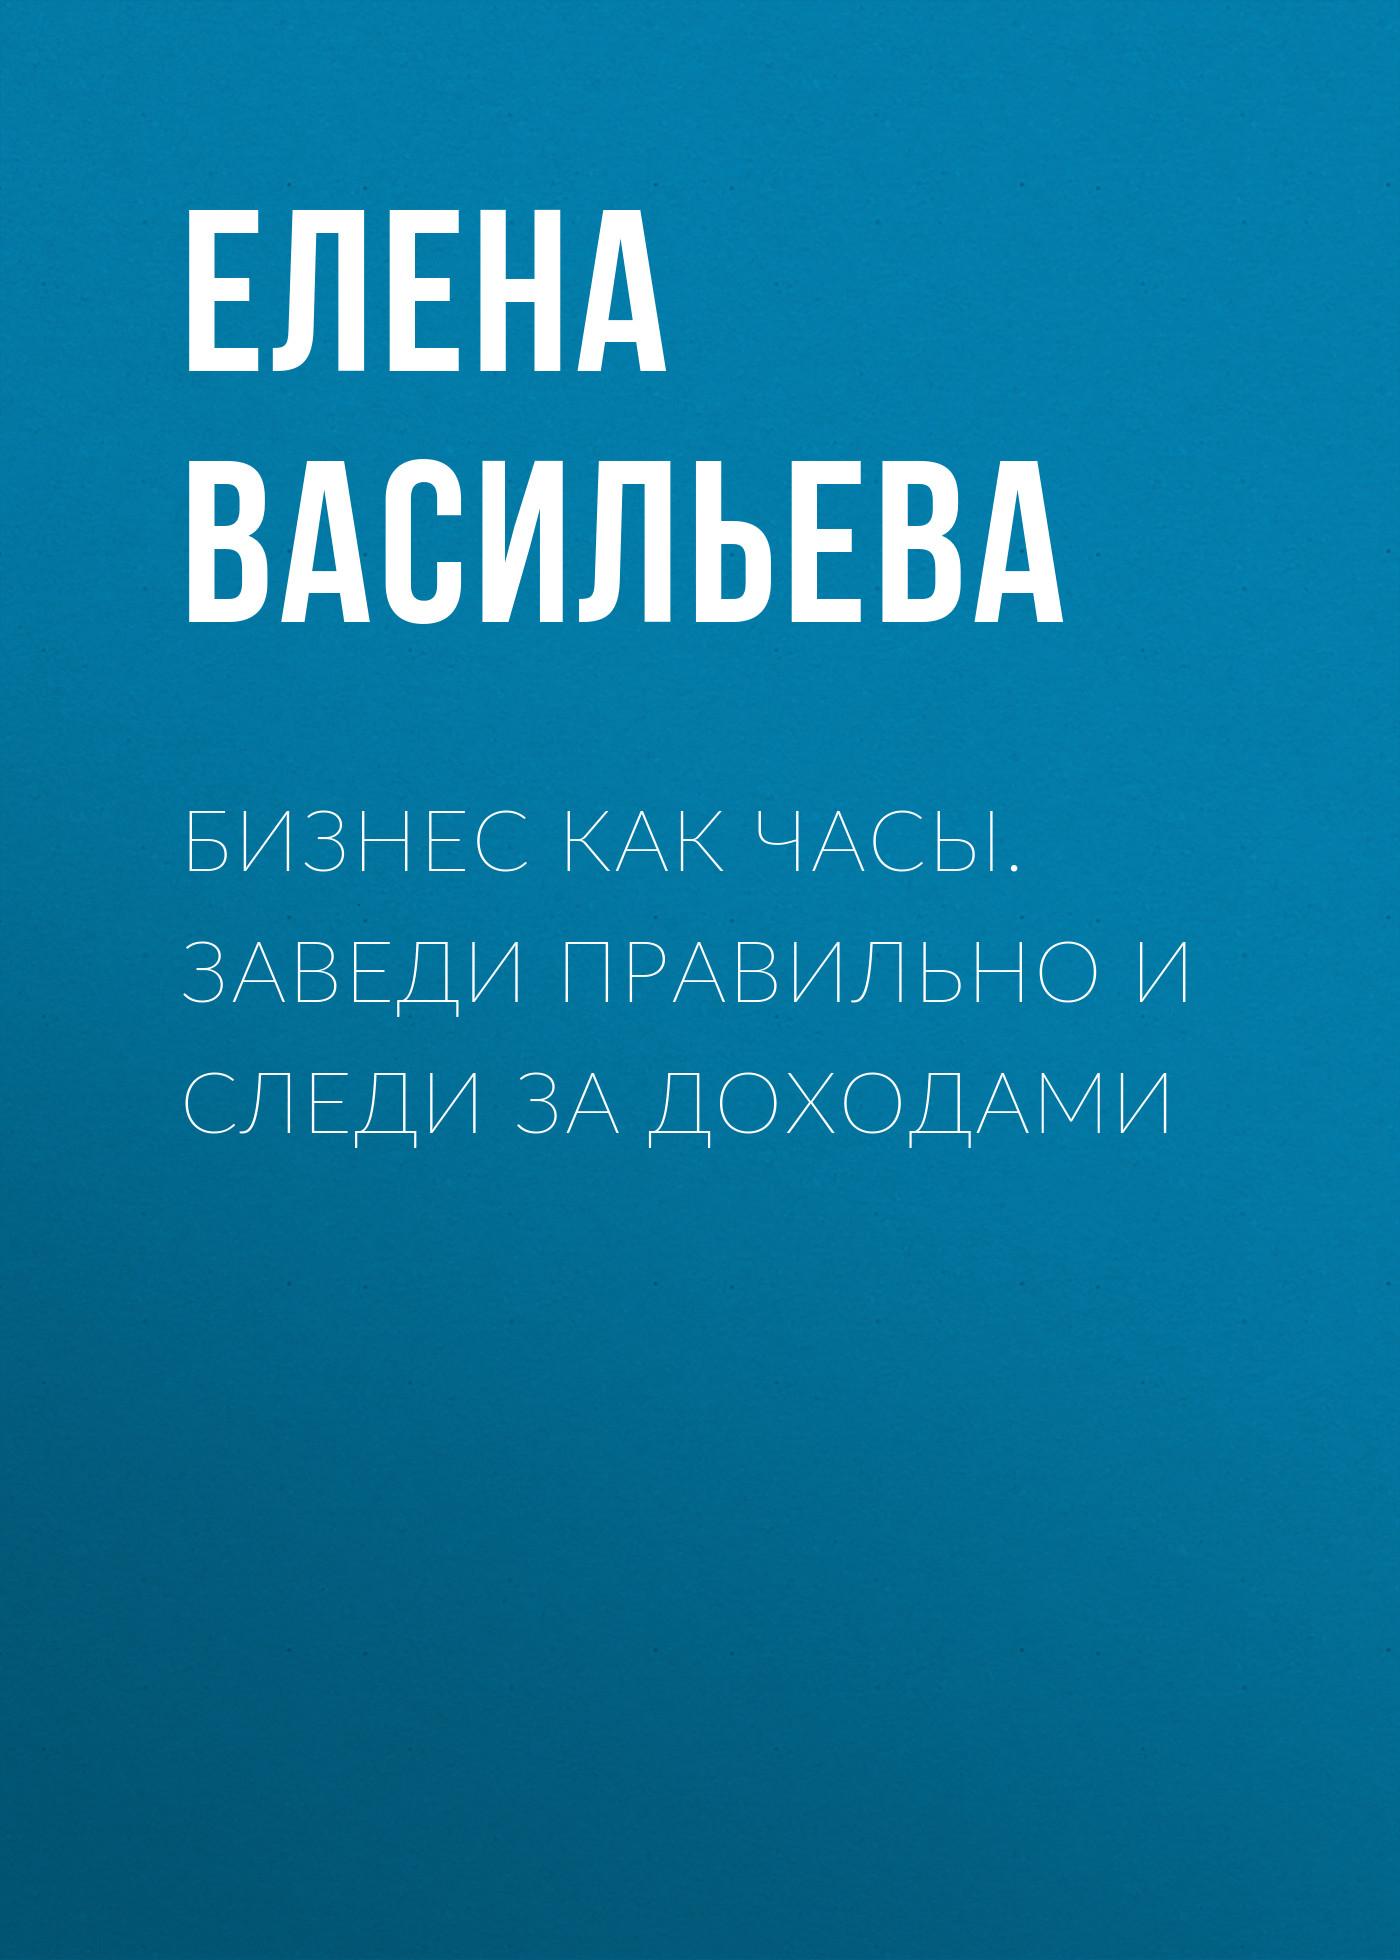 Обложка книги. Автор - Елена Васильева